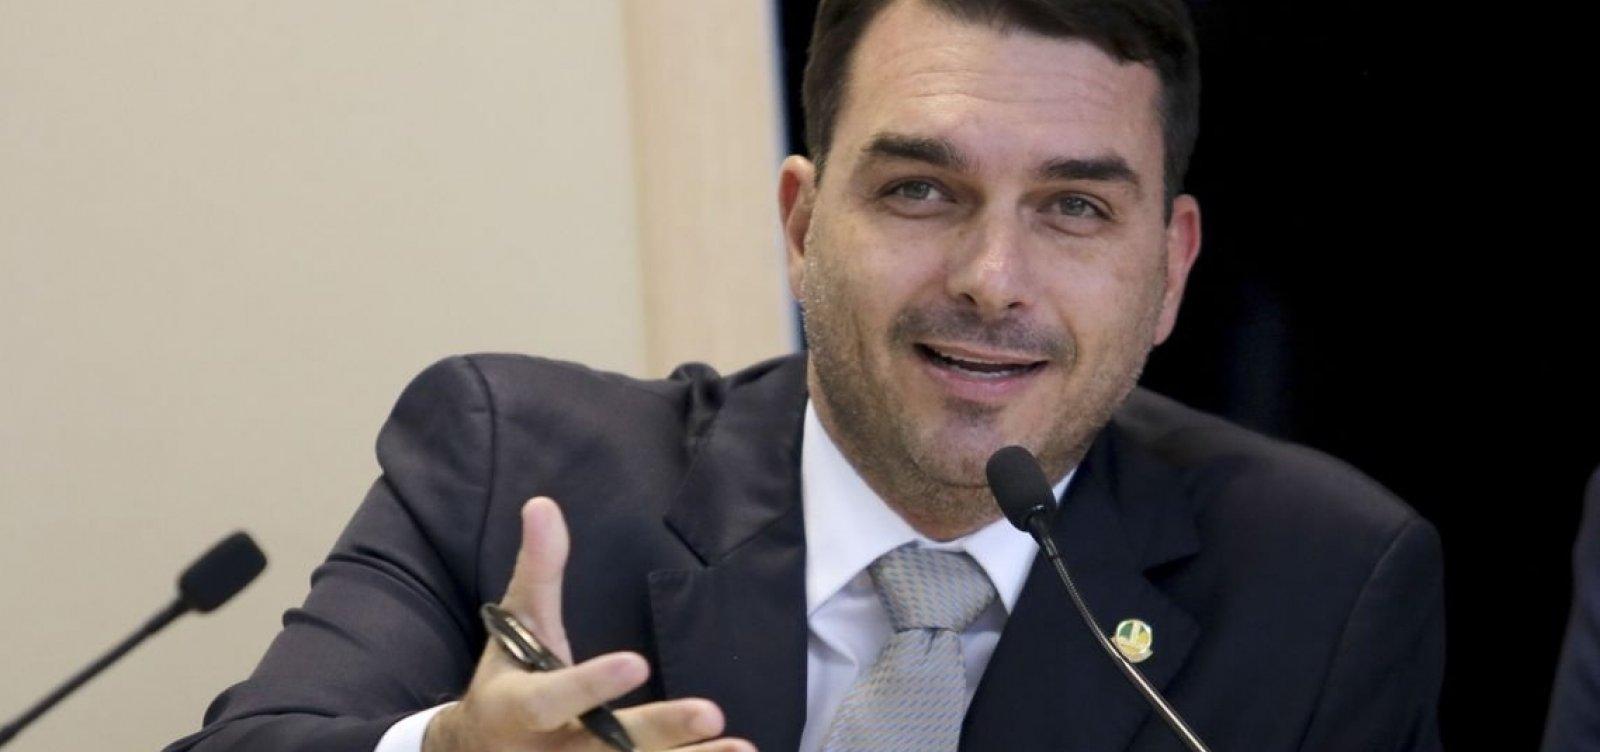 [Flávio Bolsonaro dá versões falsas sobre extrato bancário ]